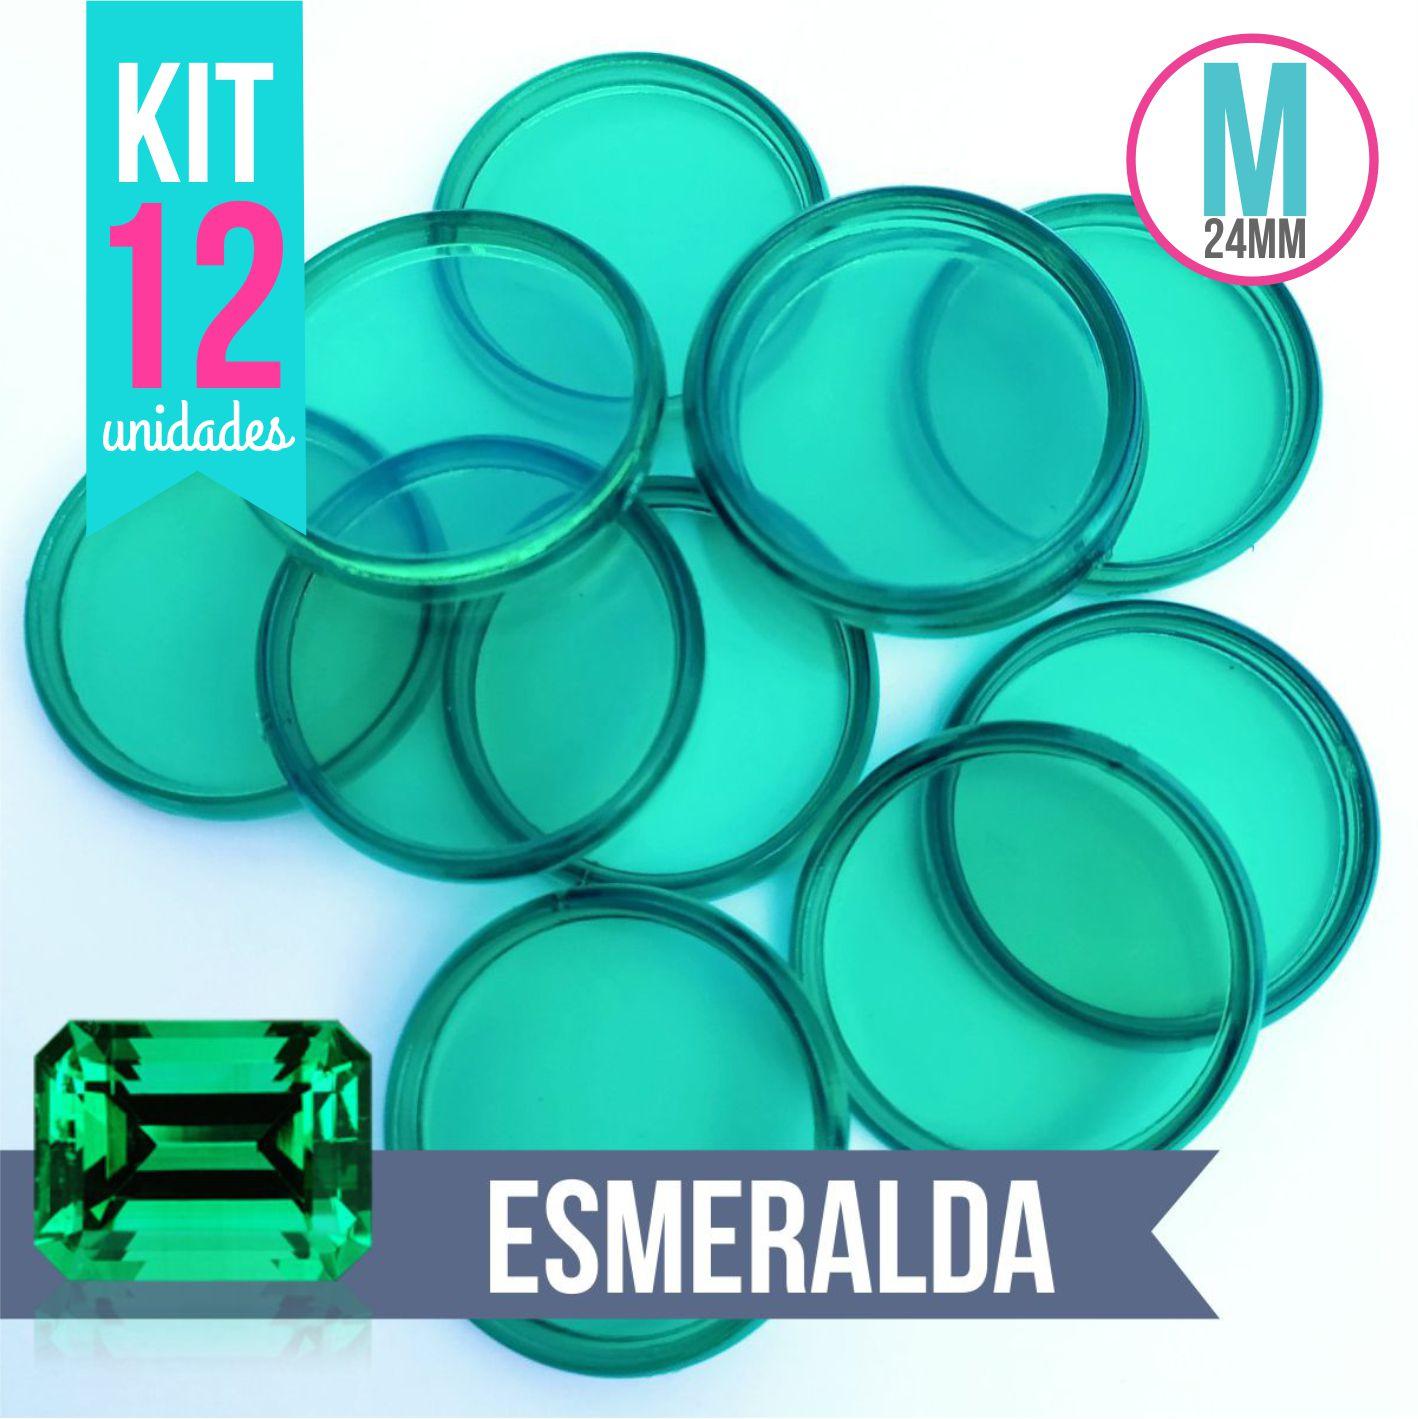 Kit 12 Discos M 24mm de Caderno Infinito Sistema Inteligente Translúcido Liso Amor Infinito - Esmeralda